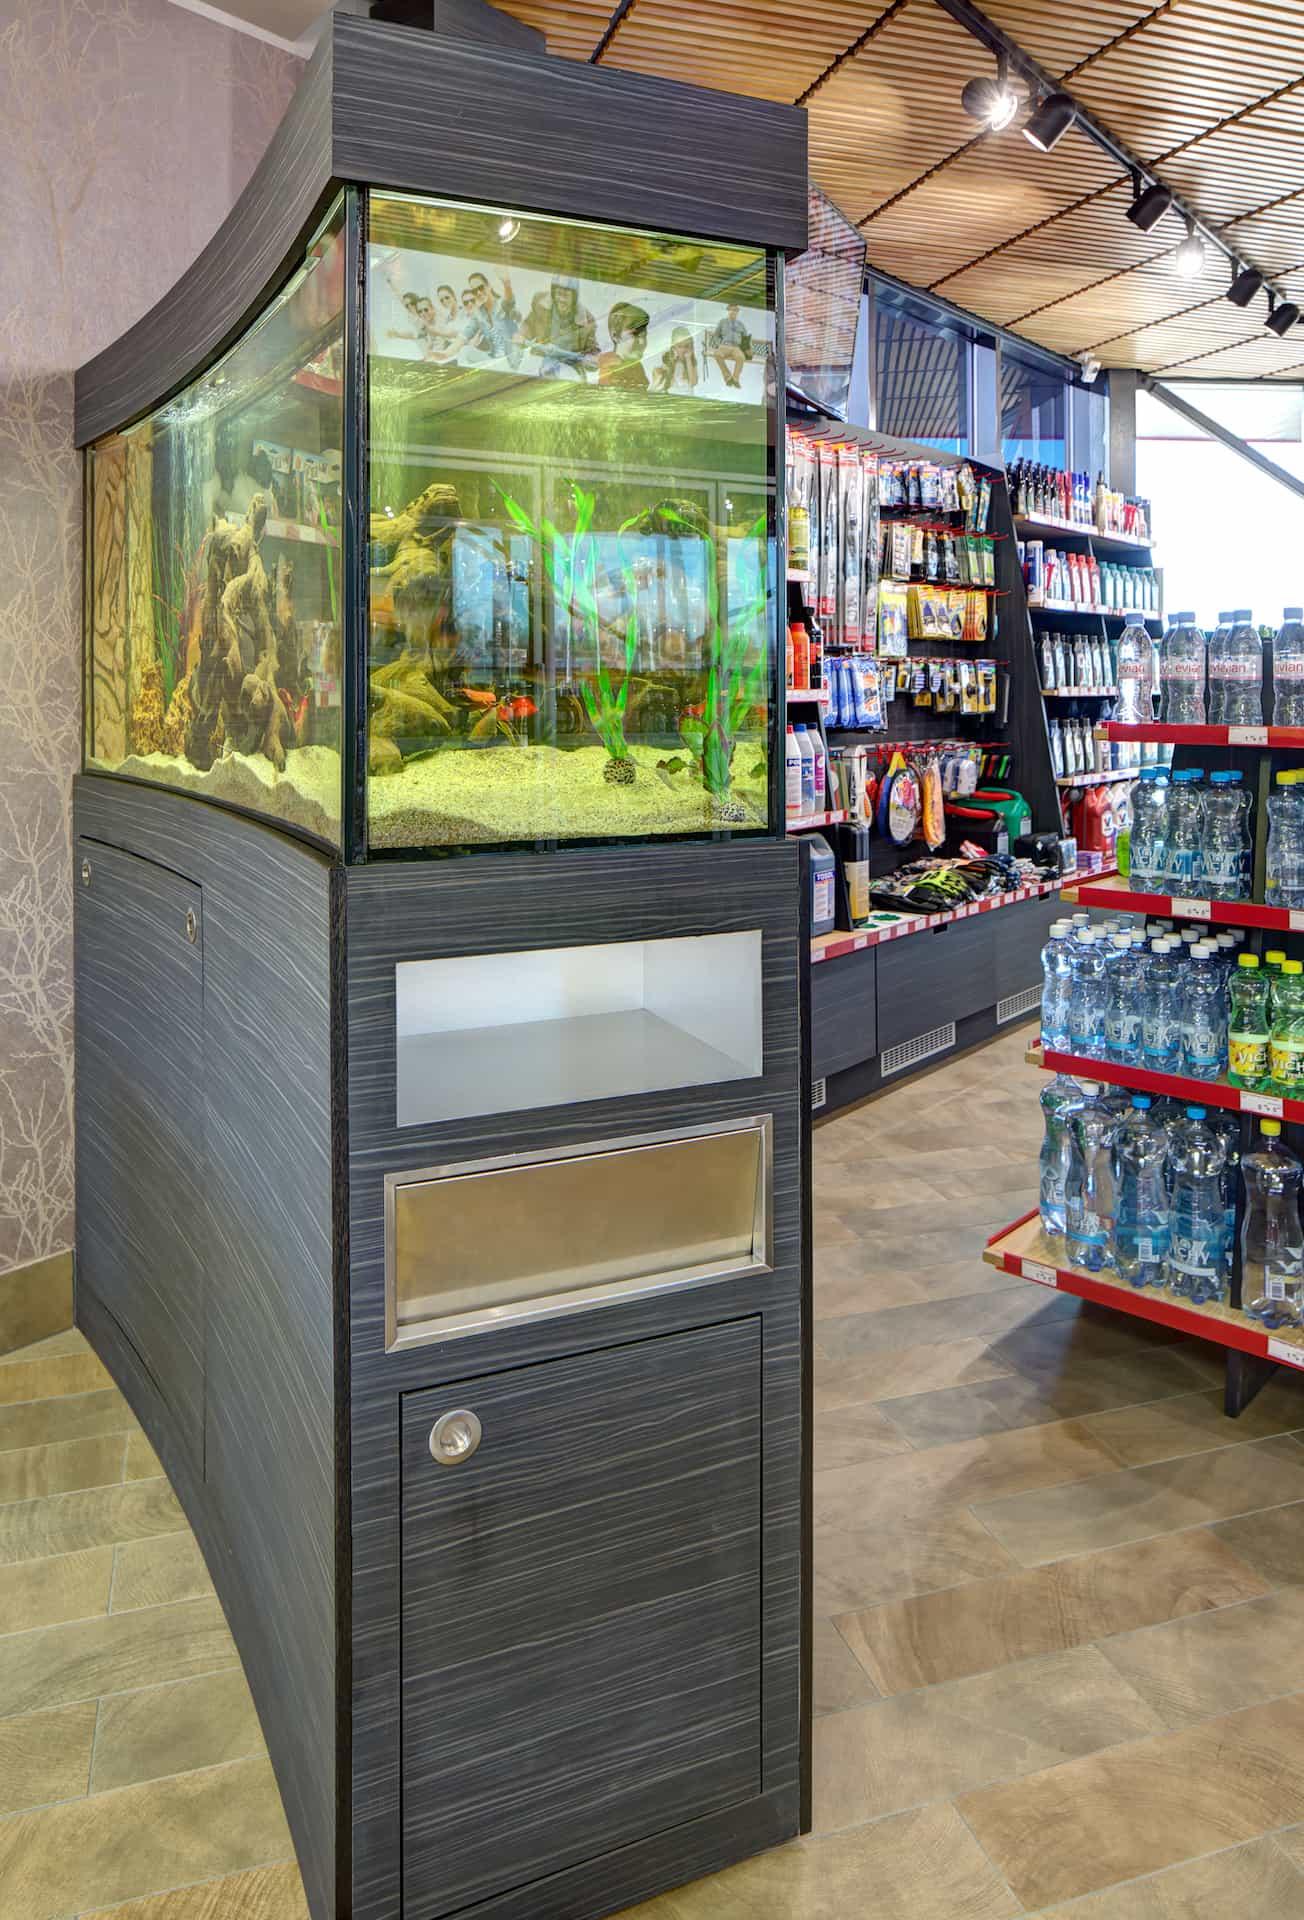 Cabinet under the aquarium